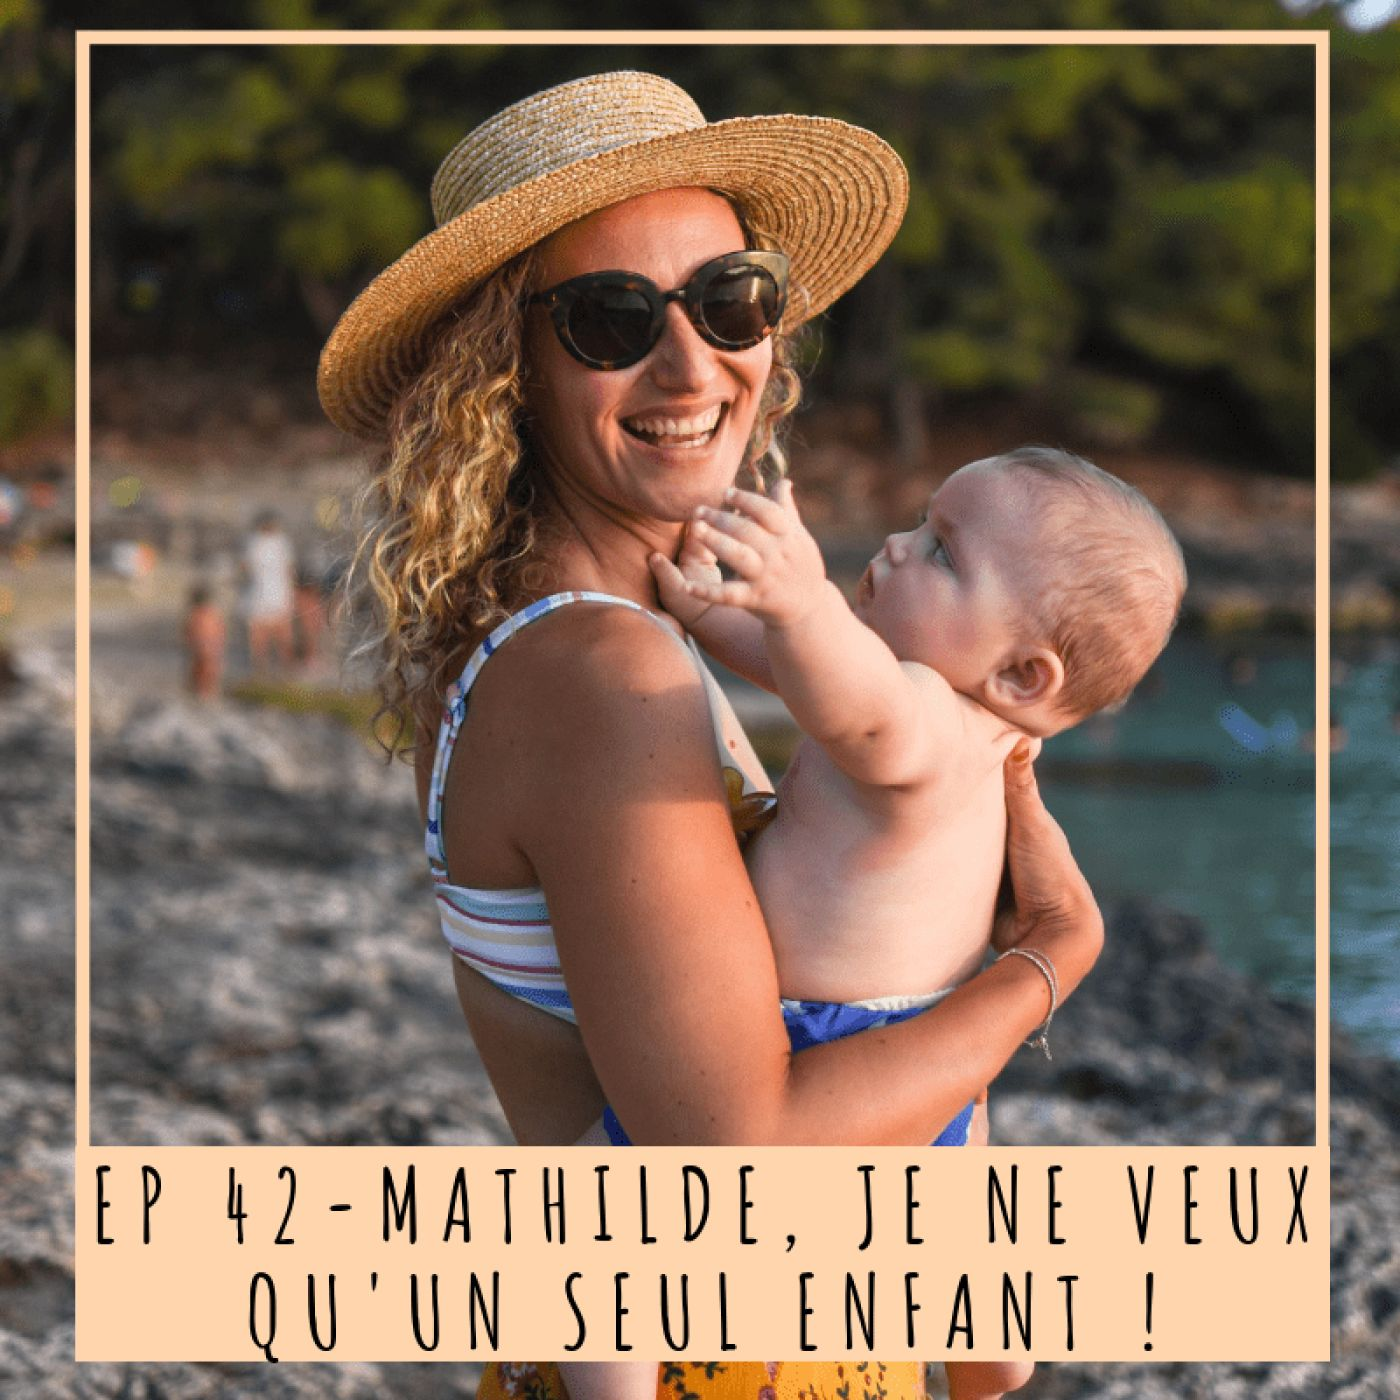 EP 42- MATHILDE, JE NE VEUX QU'UN SEUL ENFANT!